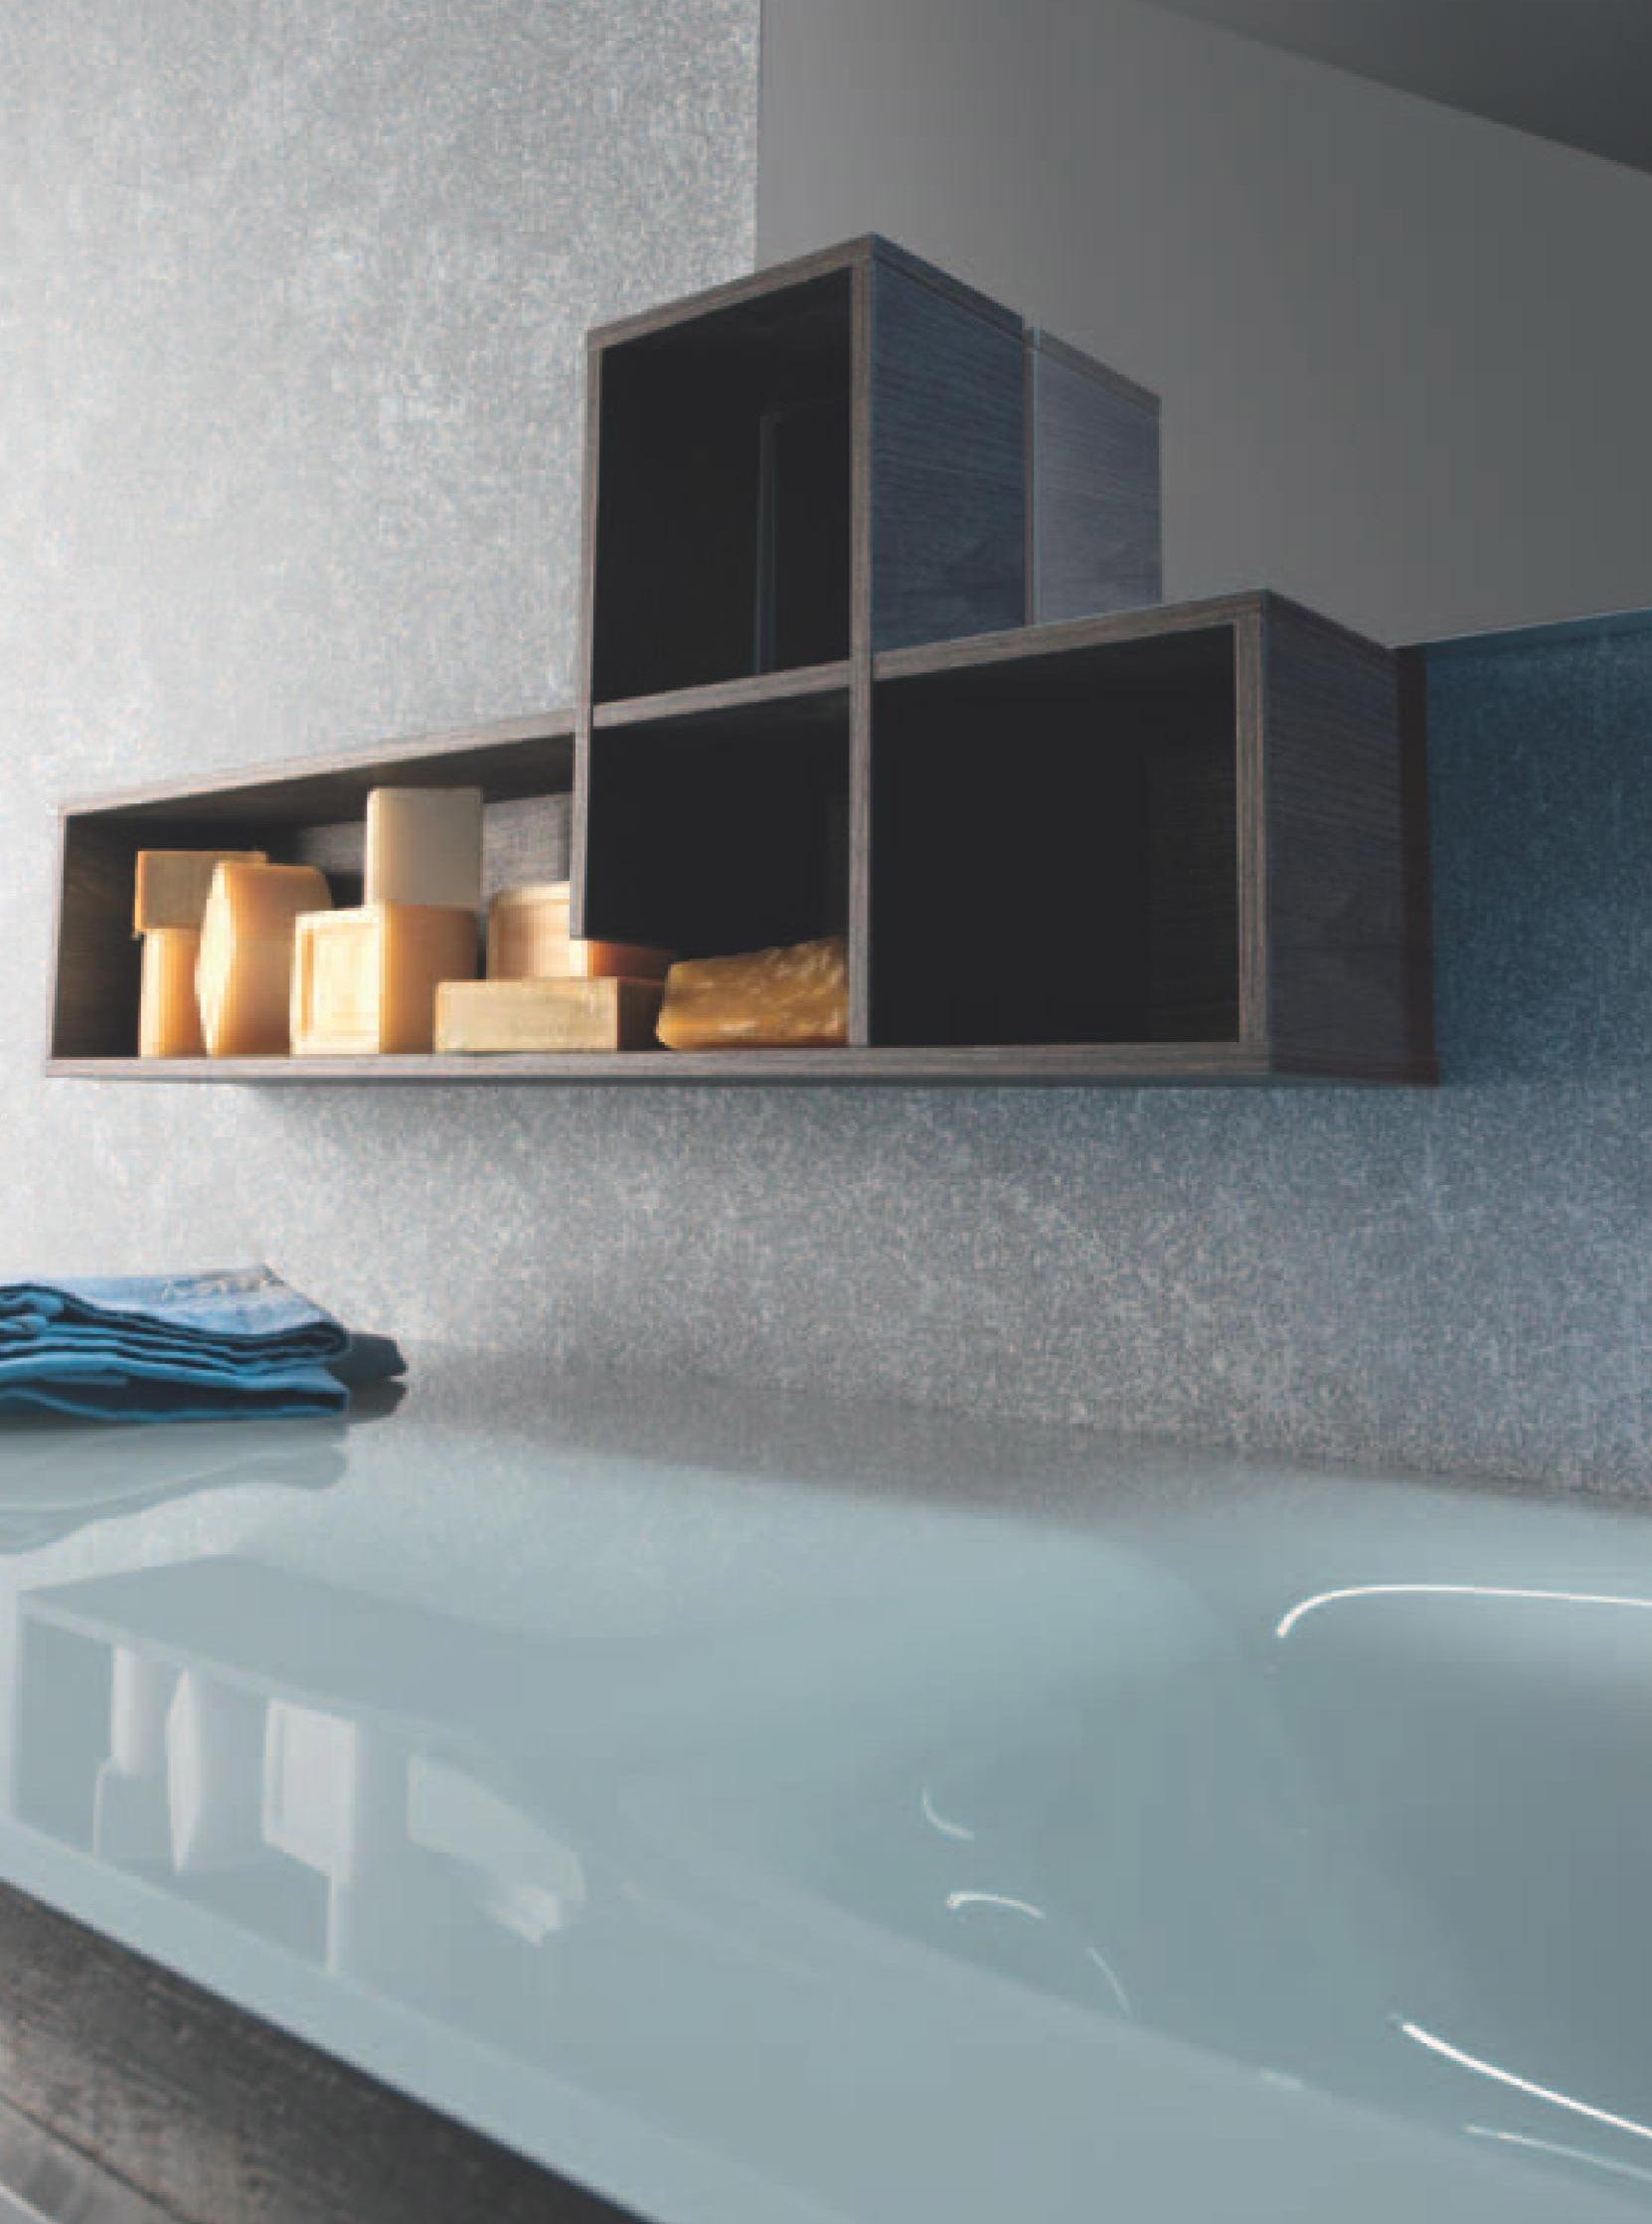 stunning azzurra mobili bagno gallery - orna.info - orna.info - Azzurra Arredo Bagno Prezzi